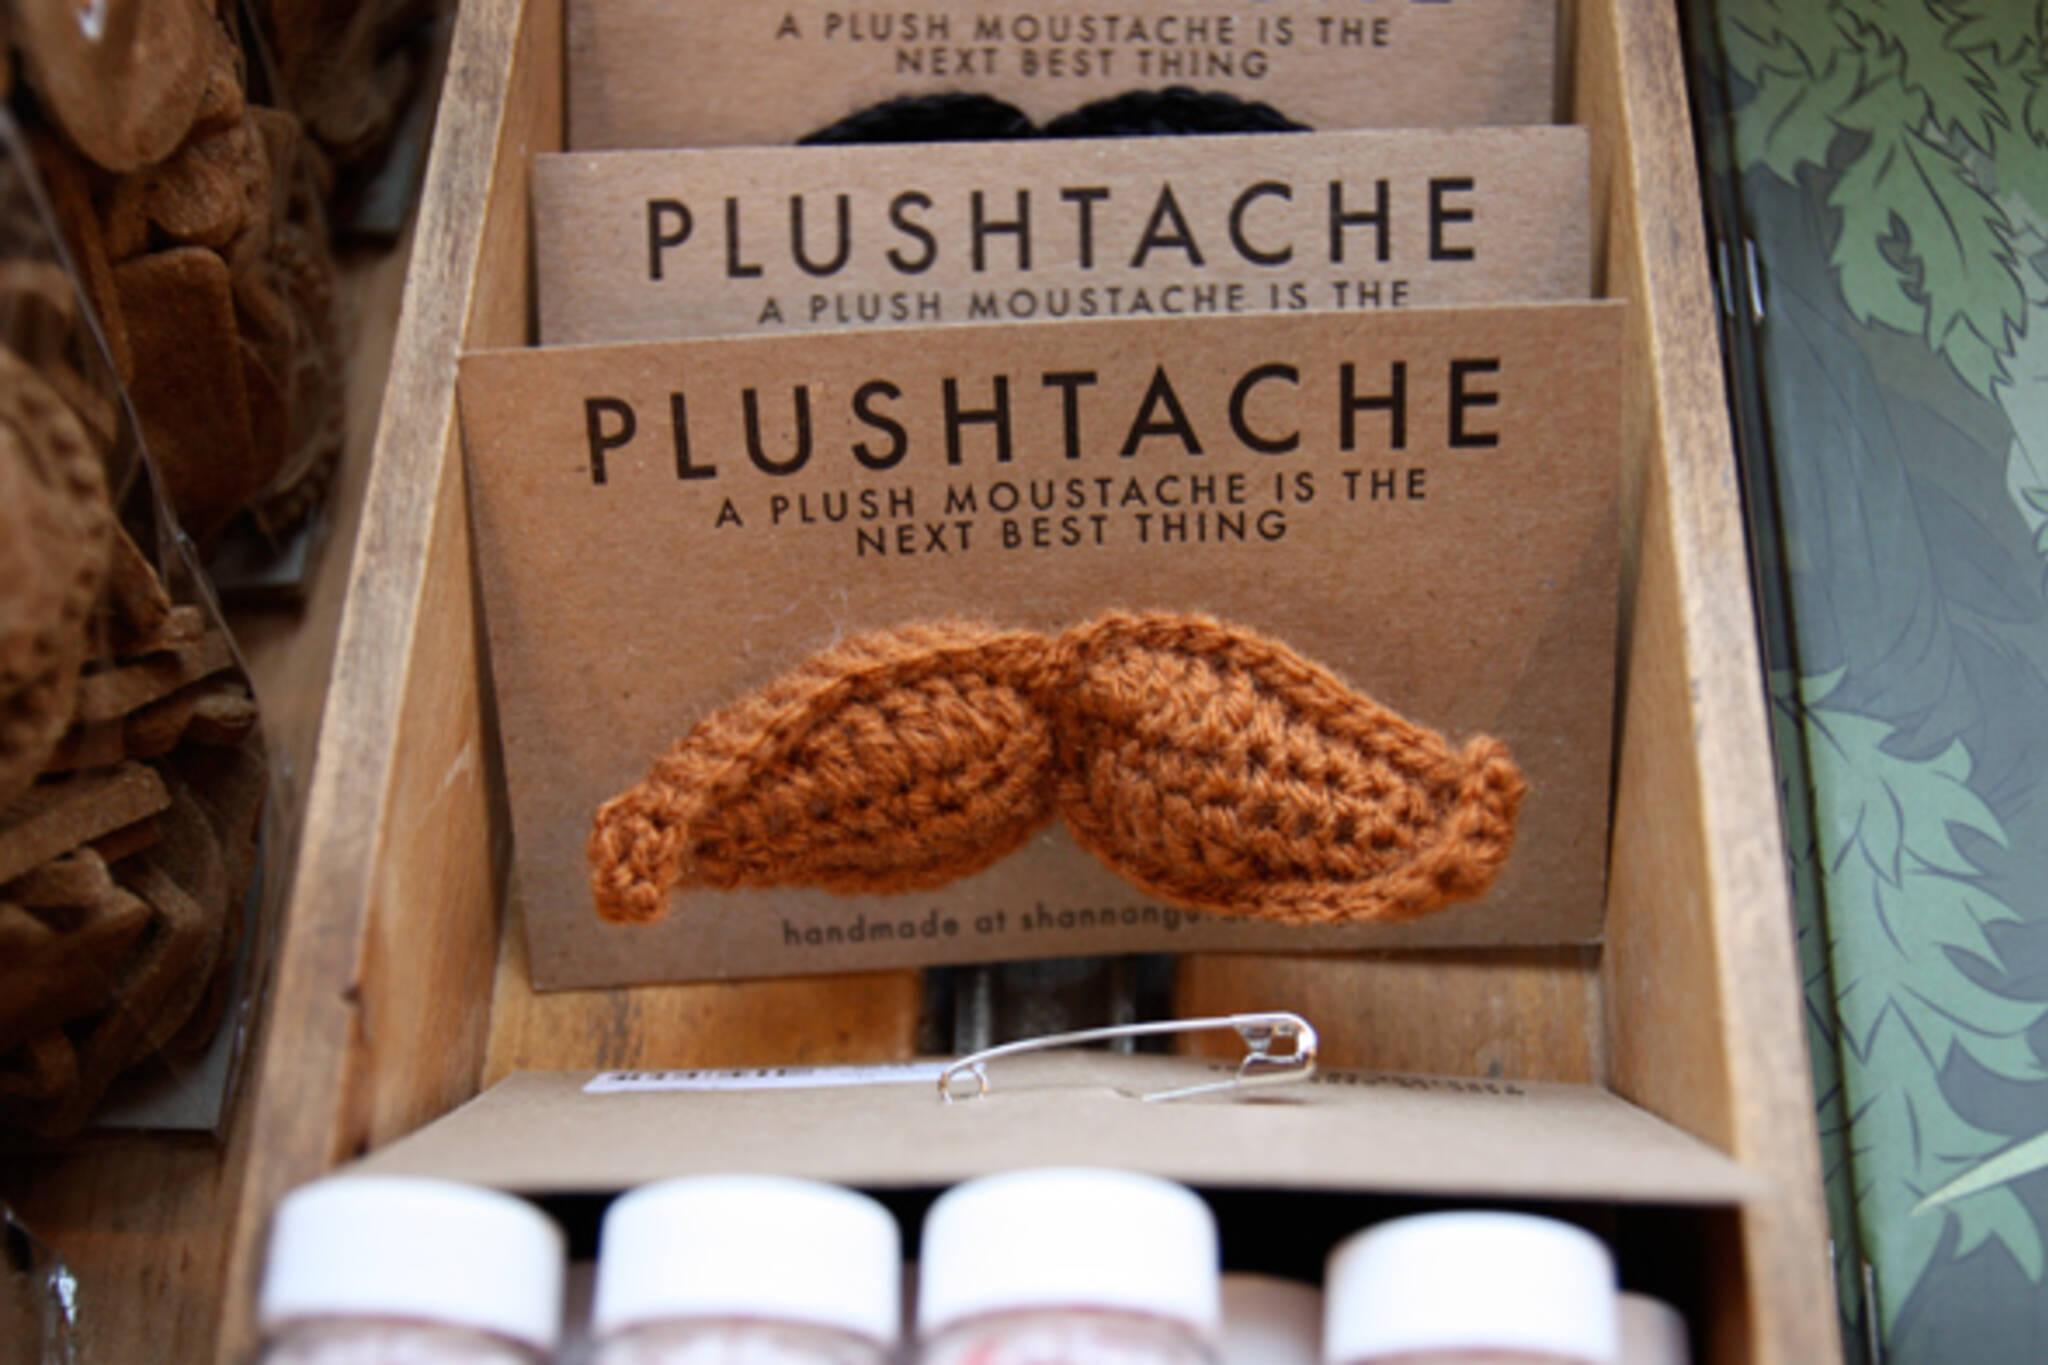 Plushtache